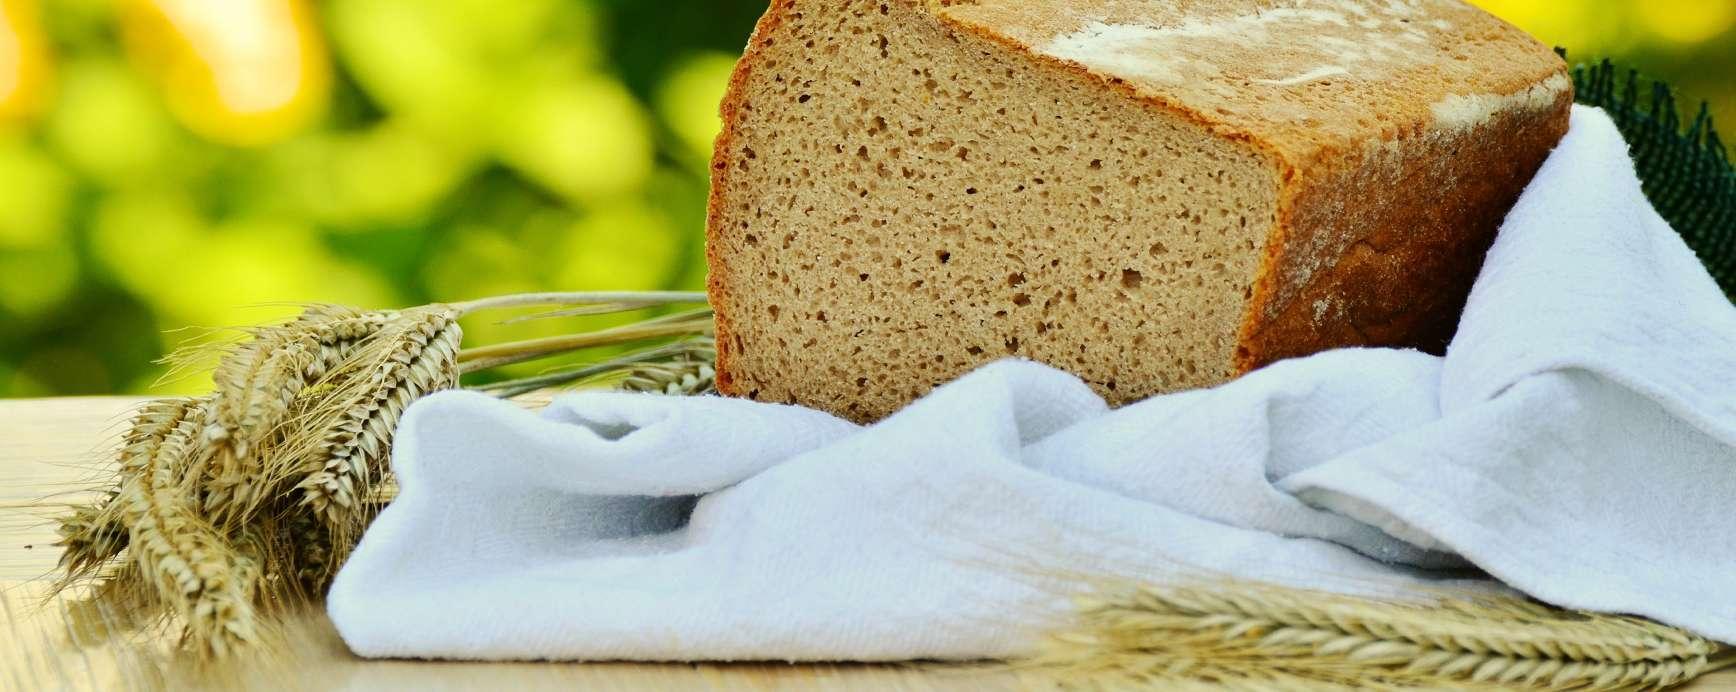 Brood met kokosvezels